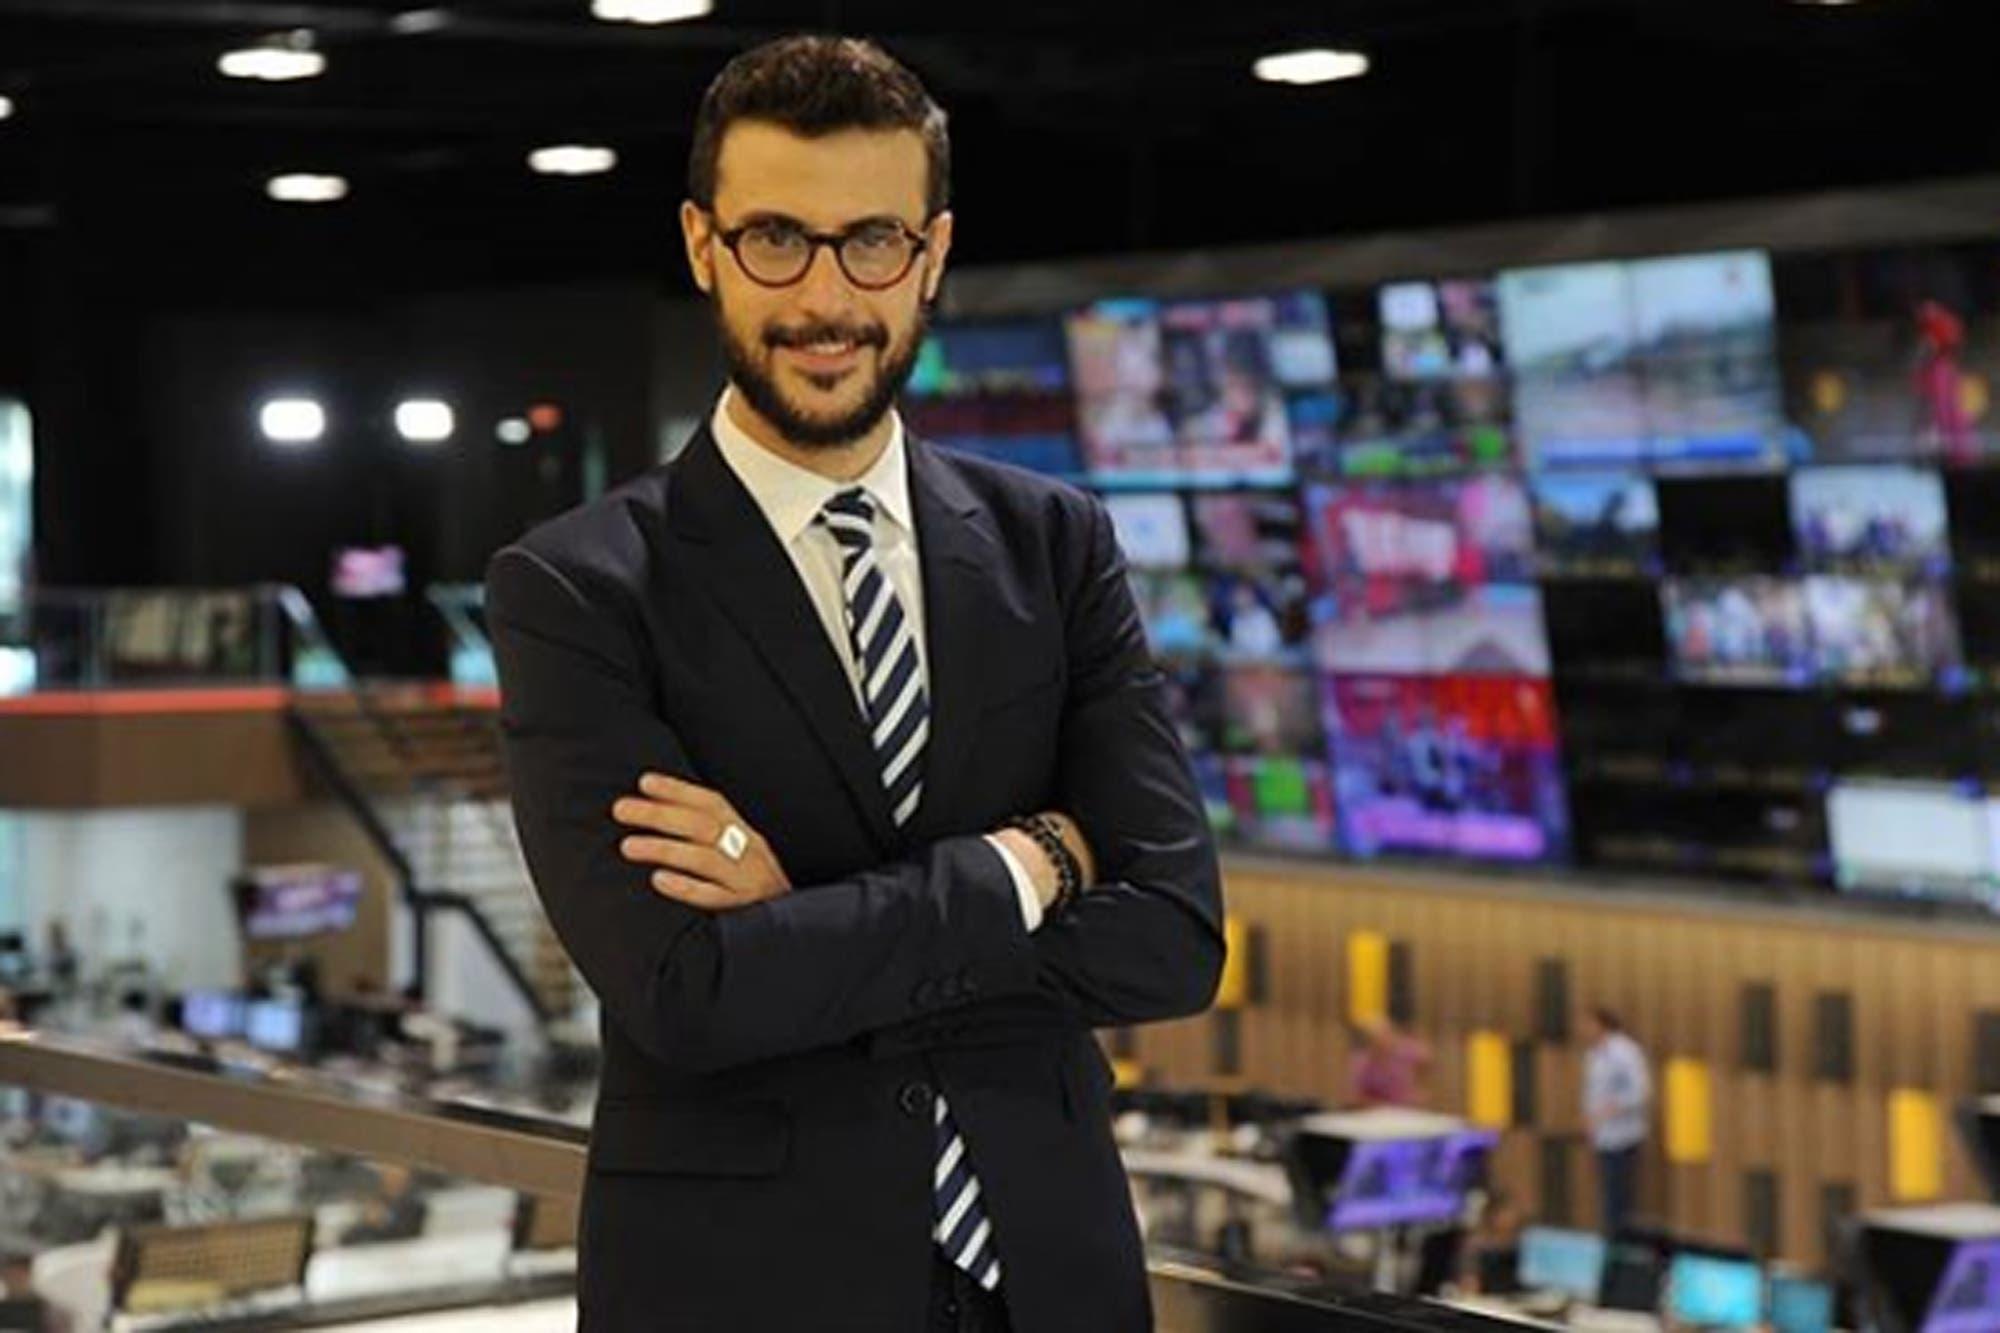 Telenoche: Diego Leuco despidió a María Laura Santillán y anunció nuevos cambios